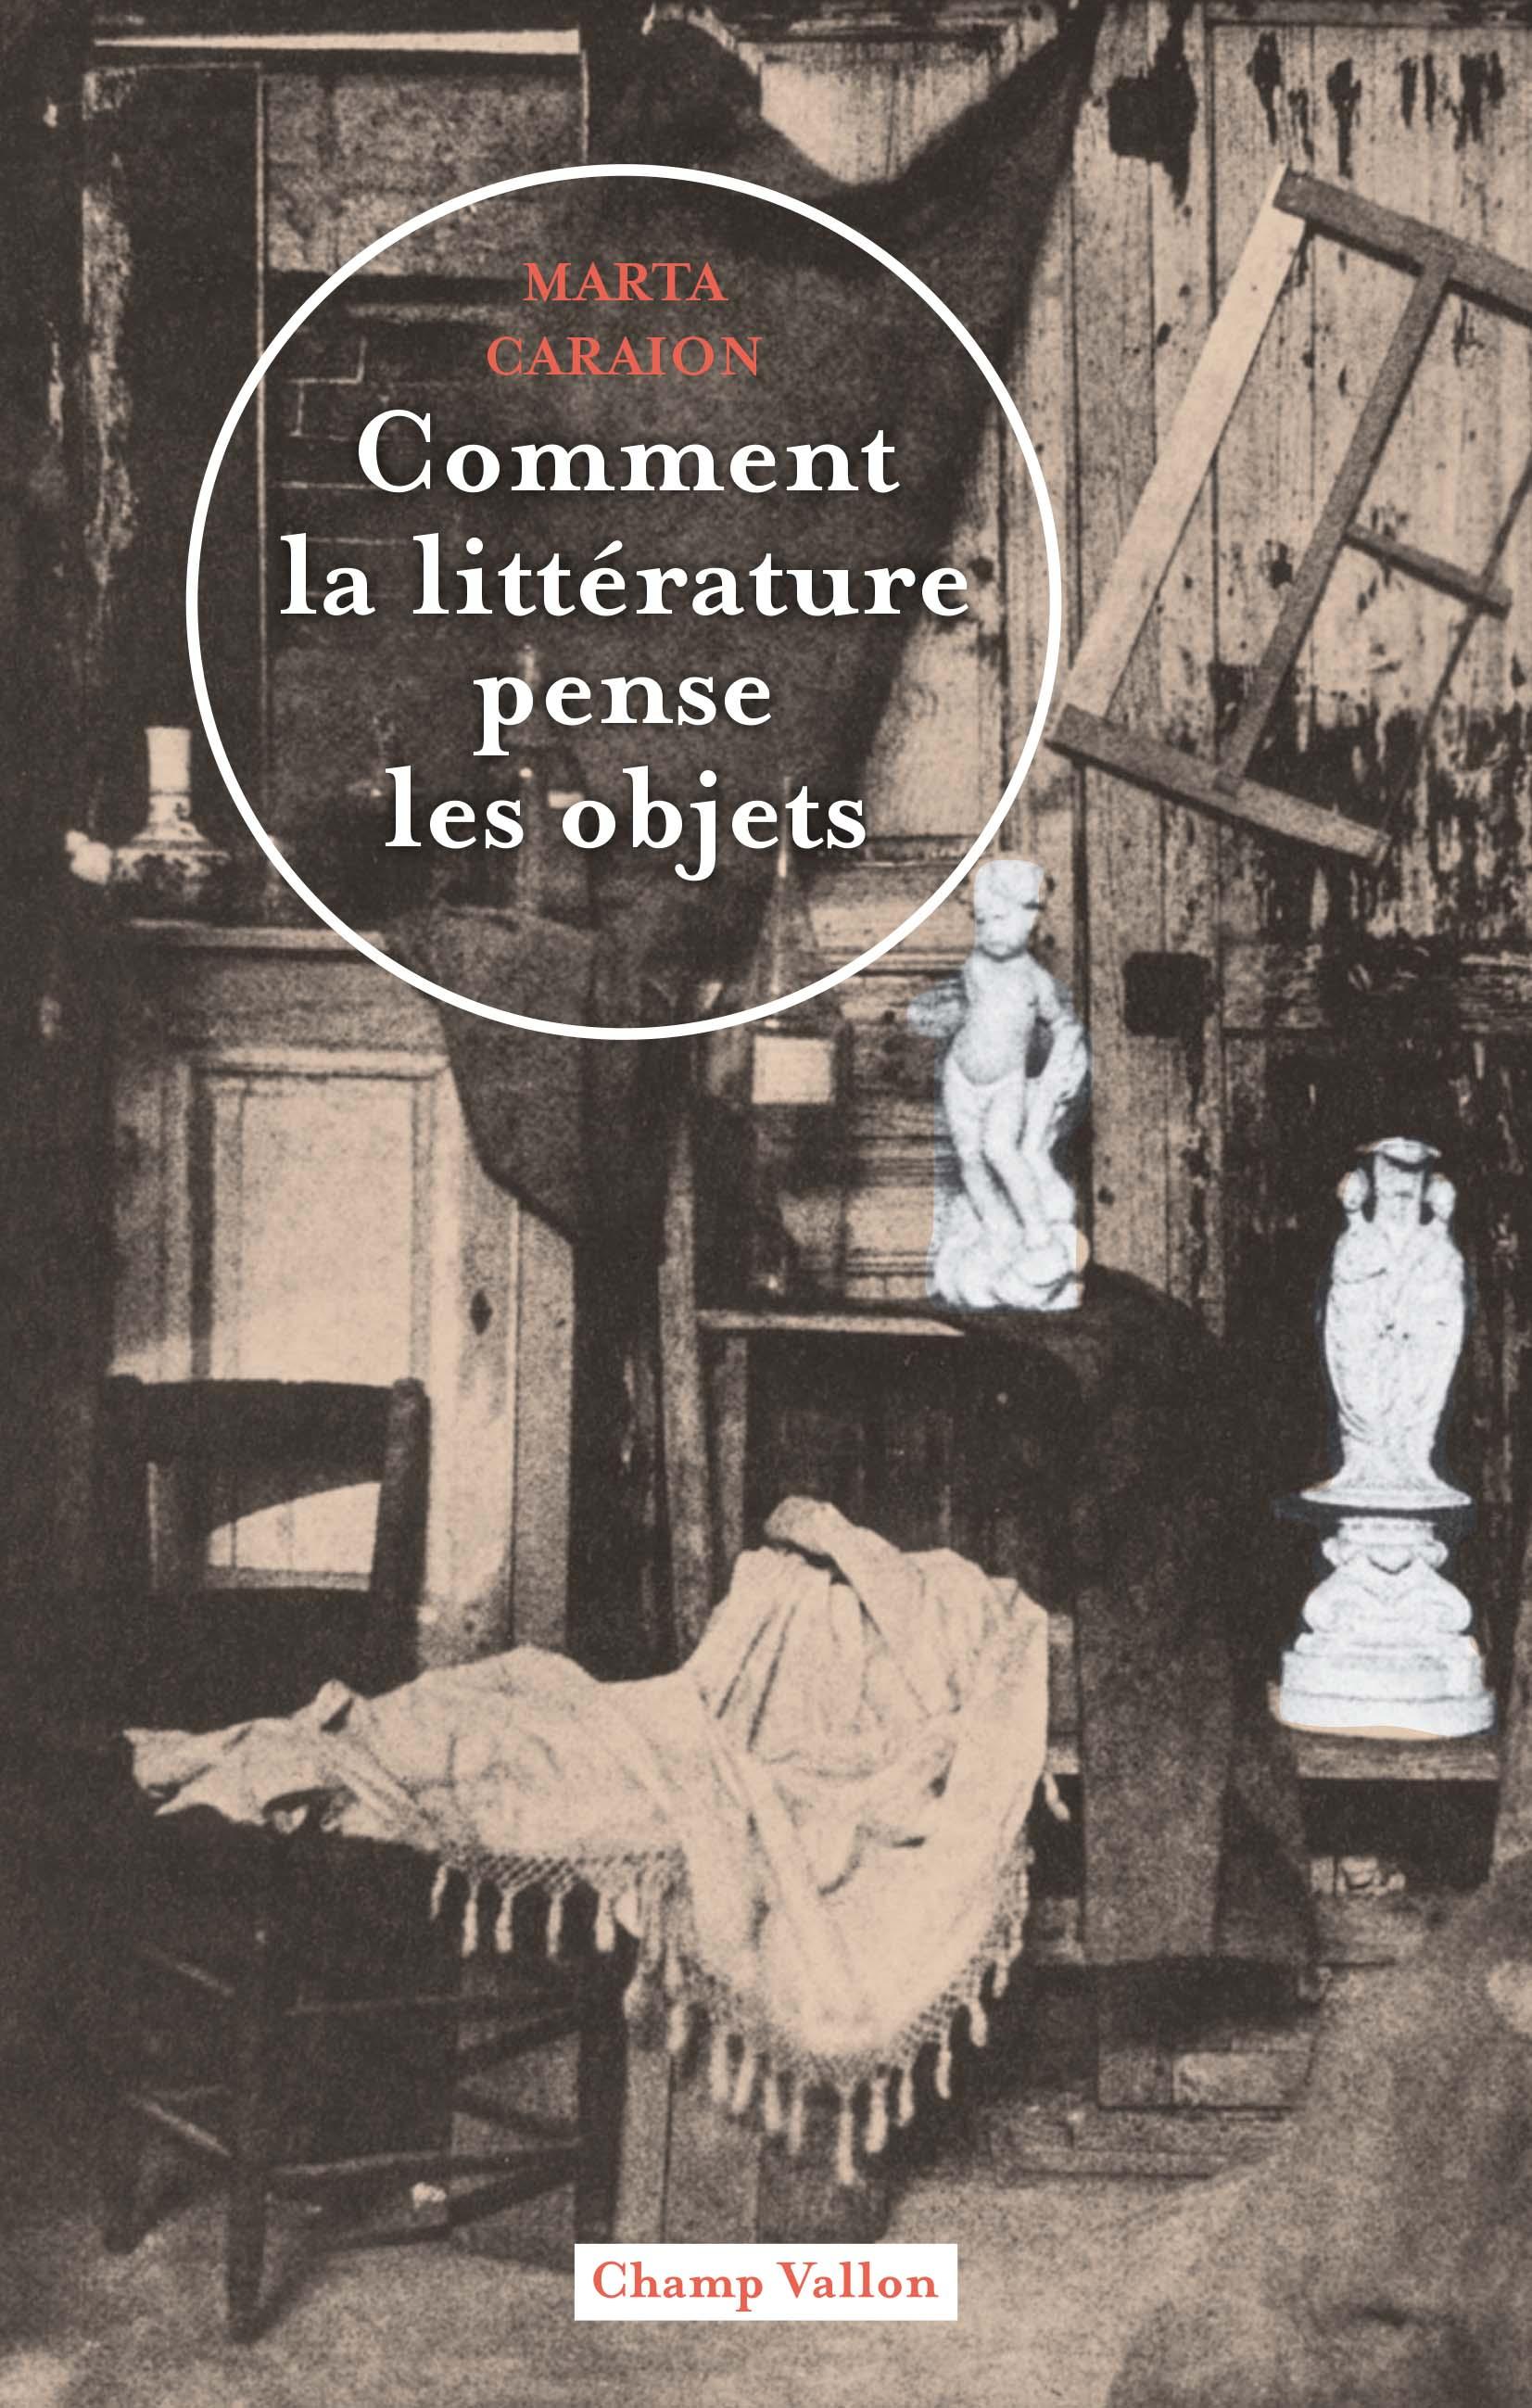 M. Caraion, Comment la littérature pense les objets. Théorie littéraire de la culture matérielle